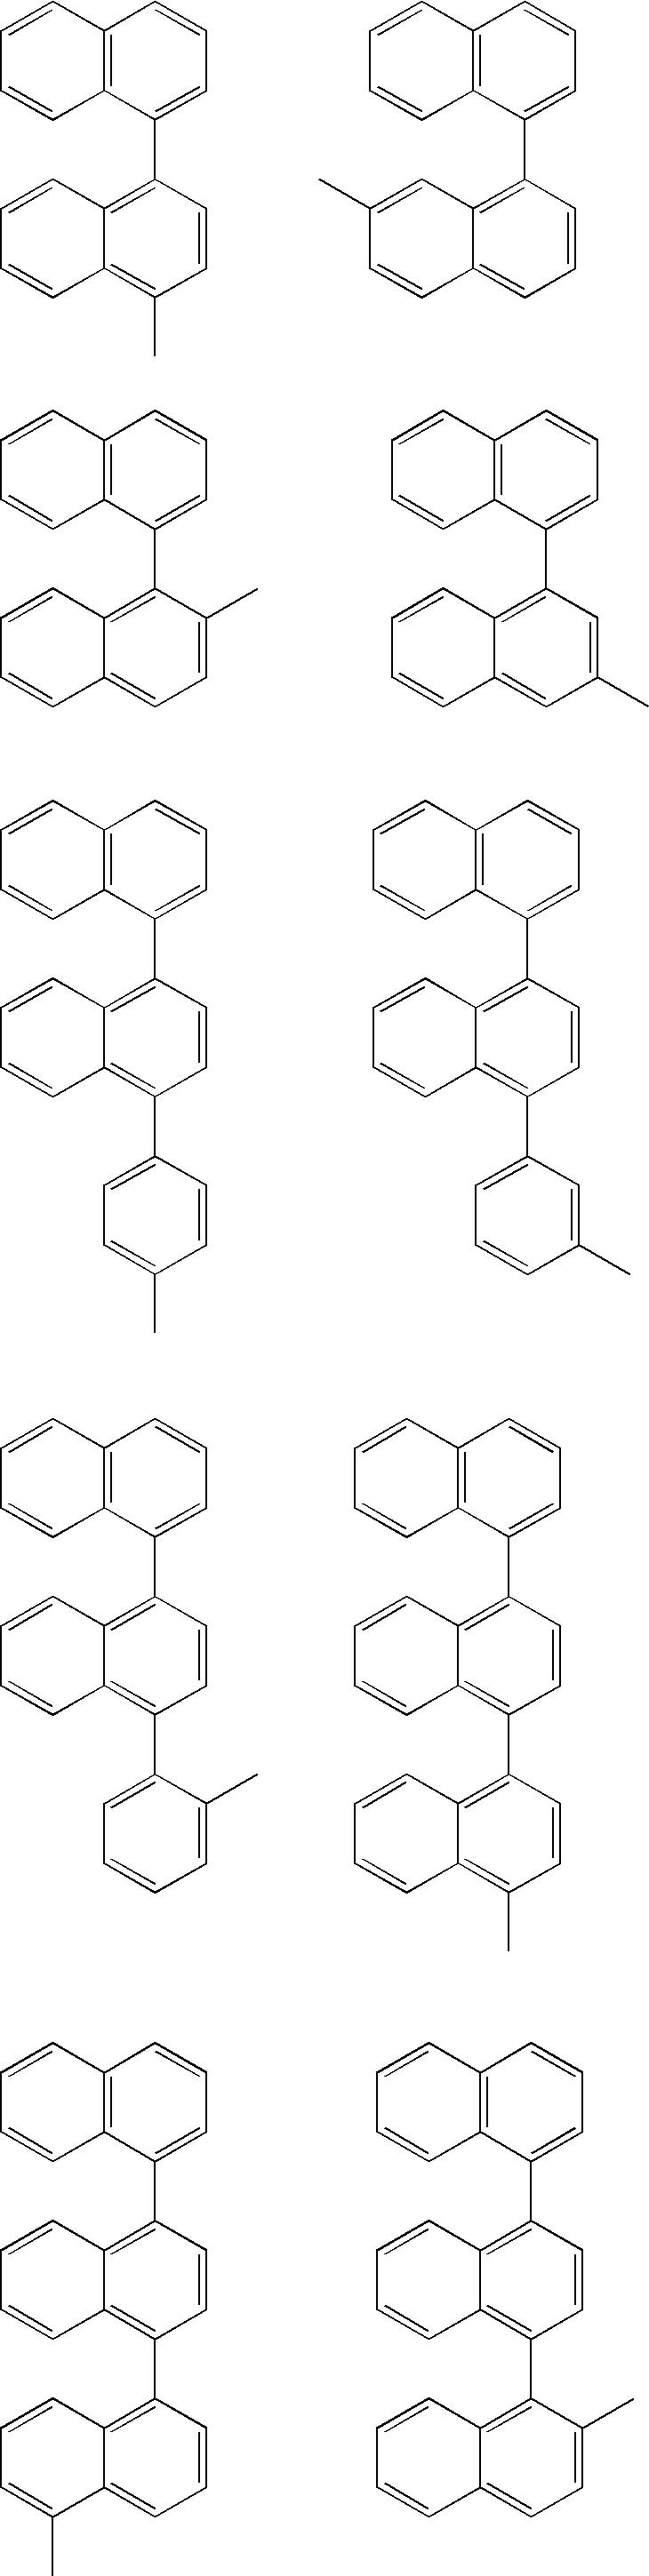 Figure US20040062951A1-20040401-C00021